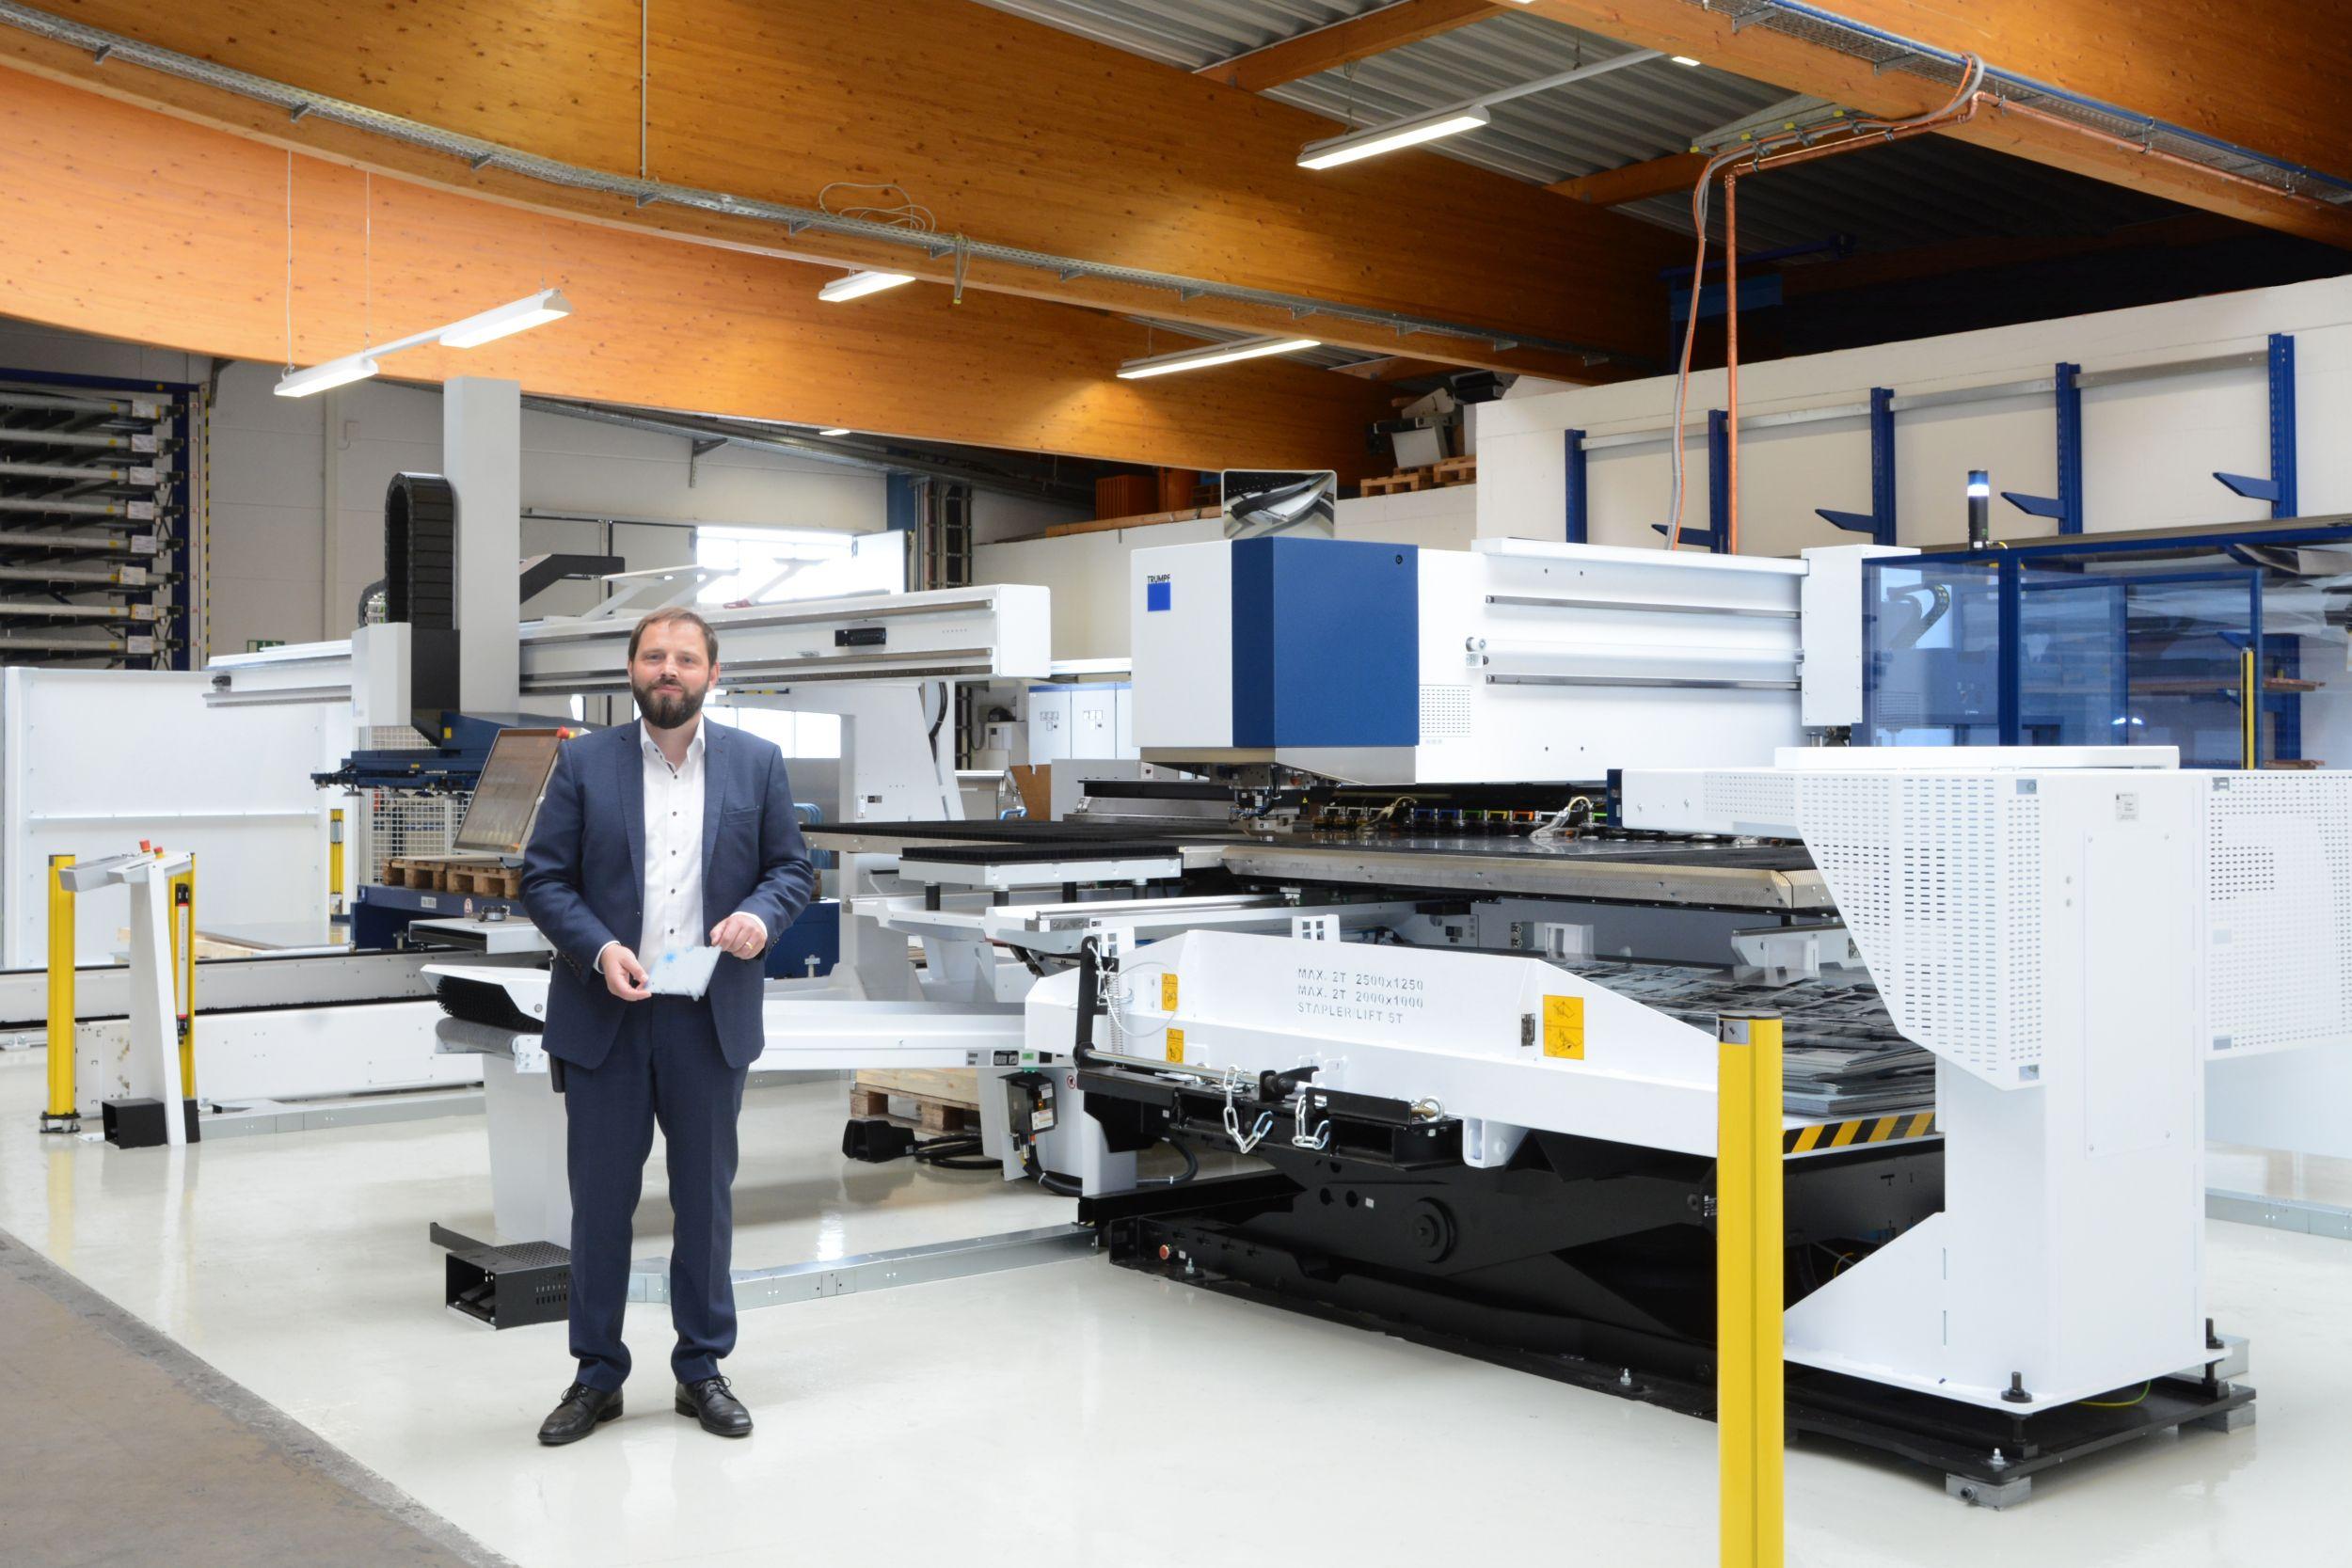 (Bild: Block Transformatoren Elektronik GmbH)